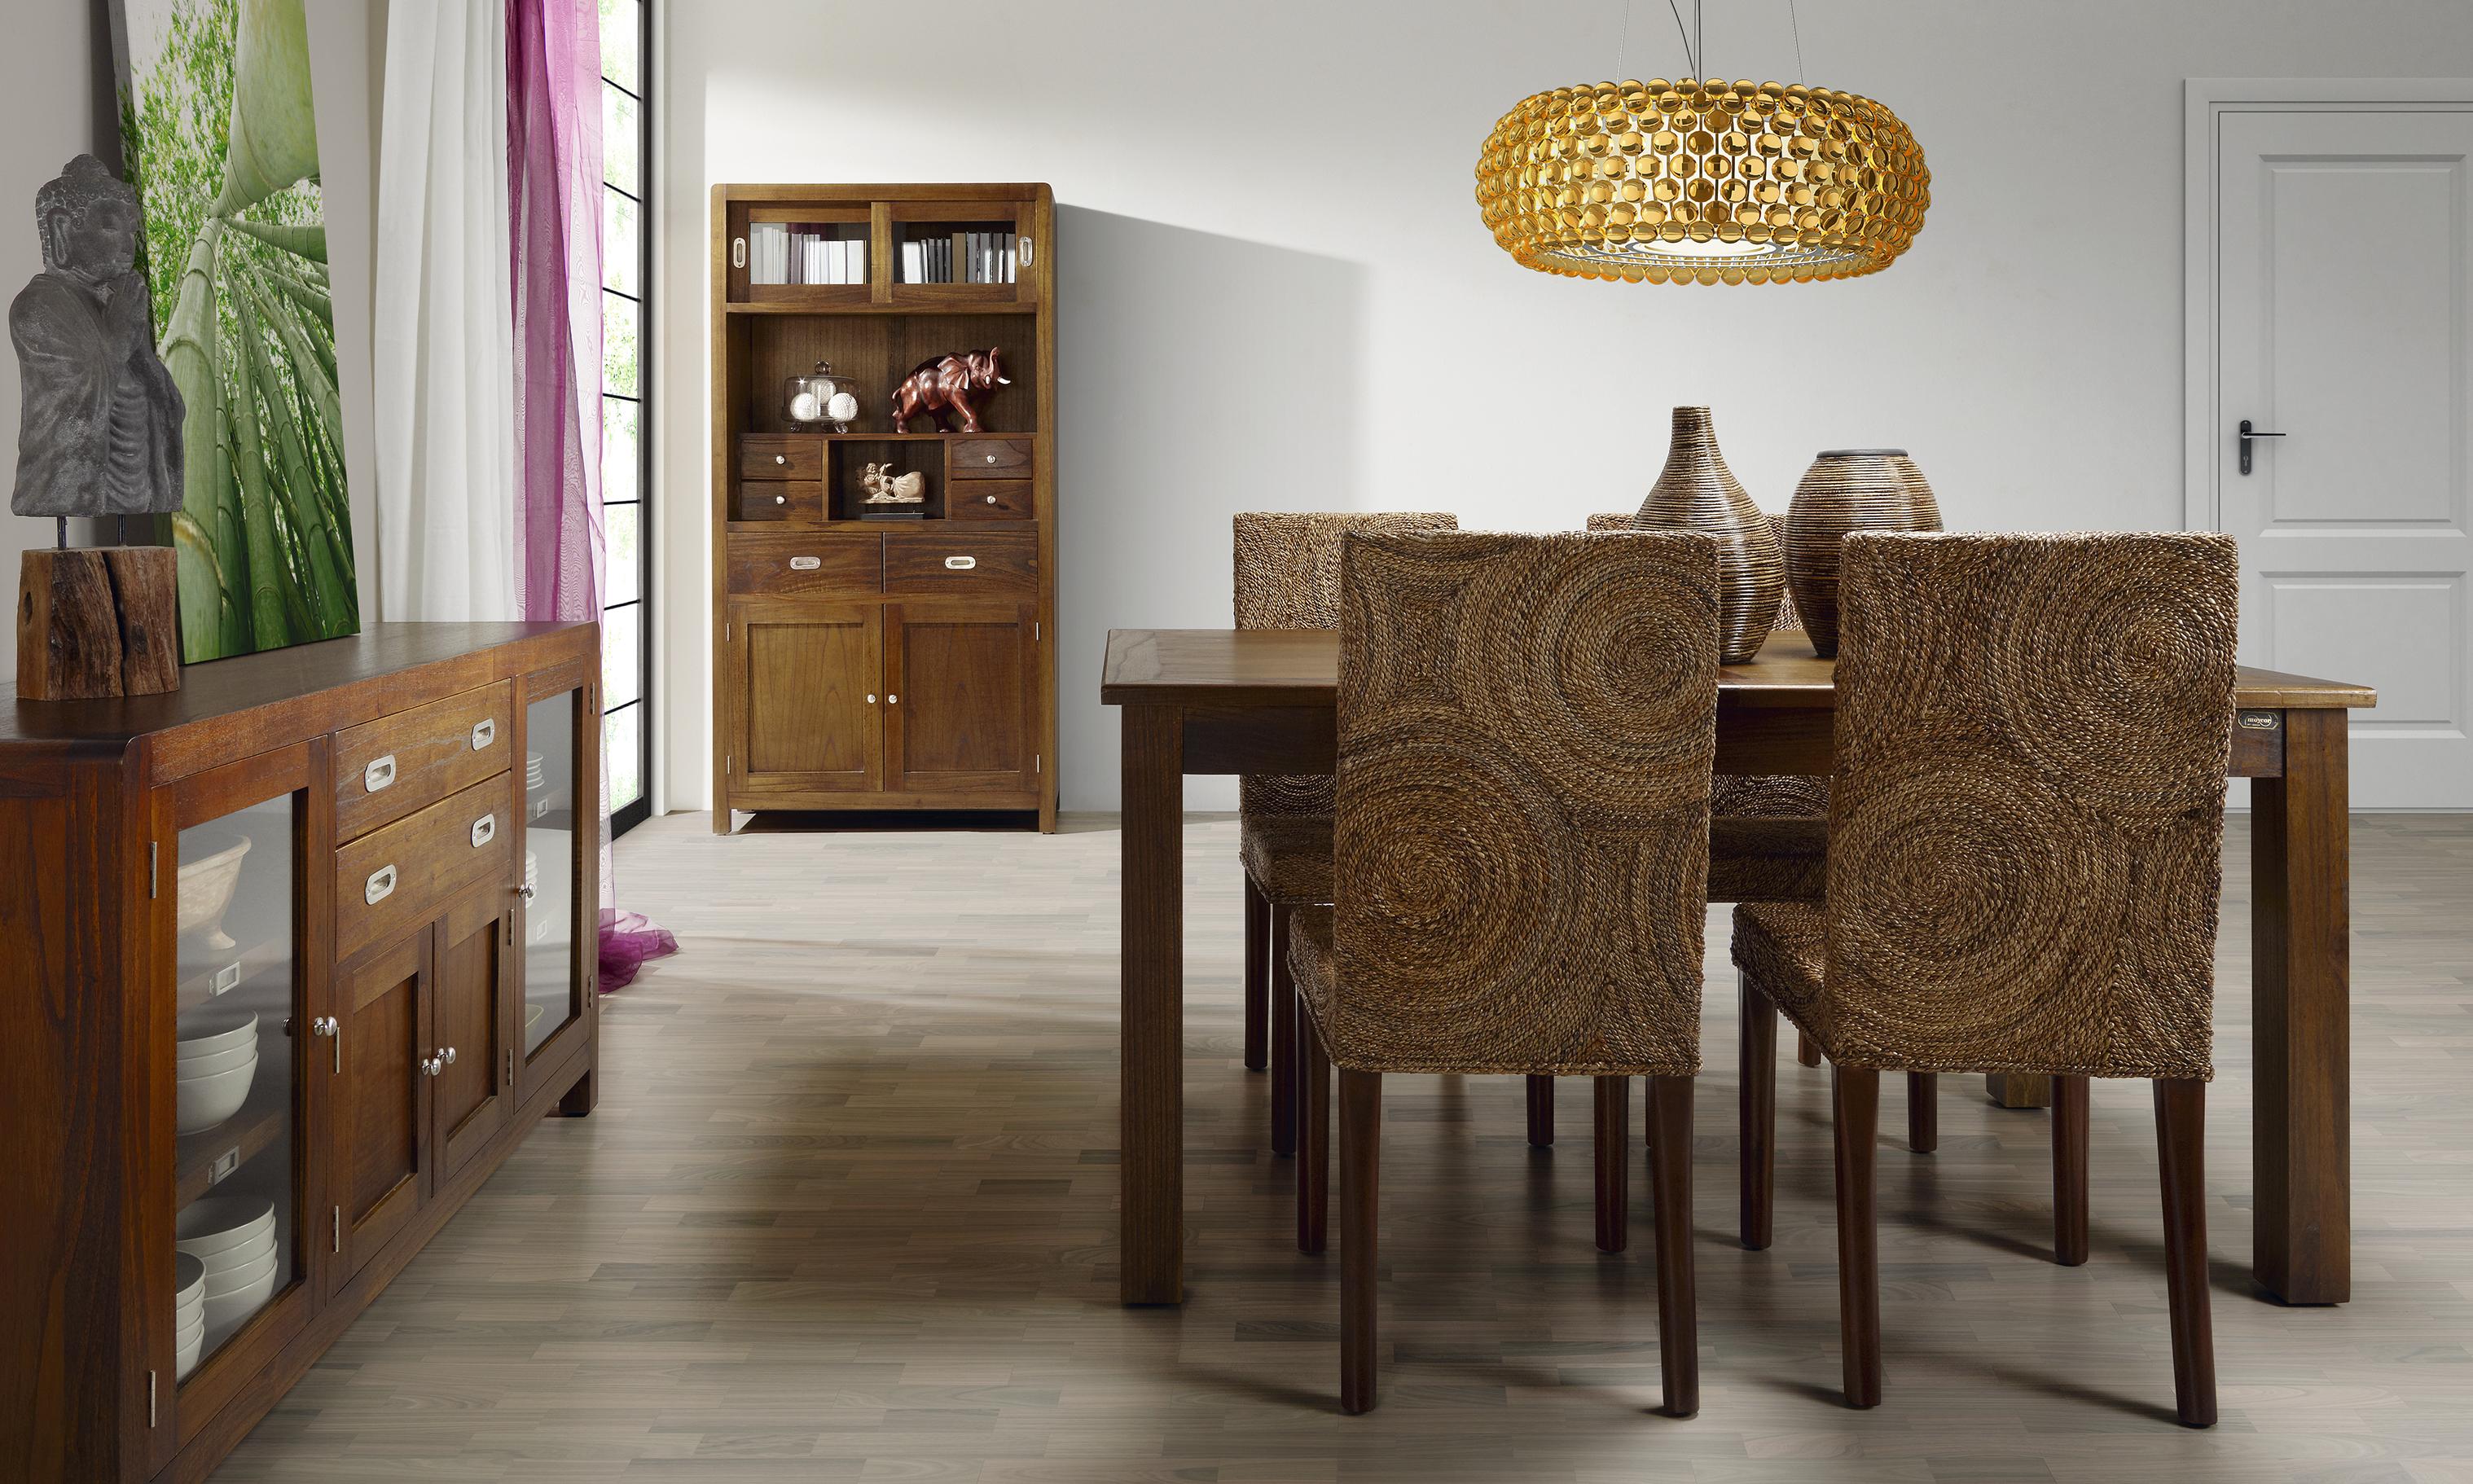 Chaise exotique circles for Milanuncios muebles de comedor